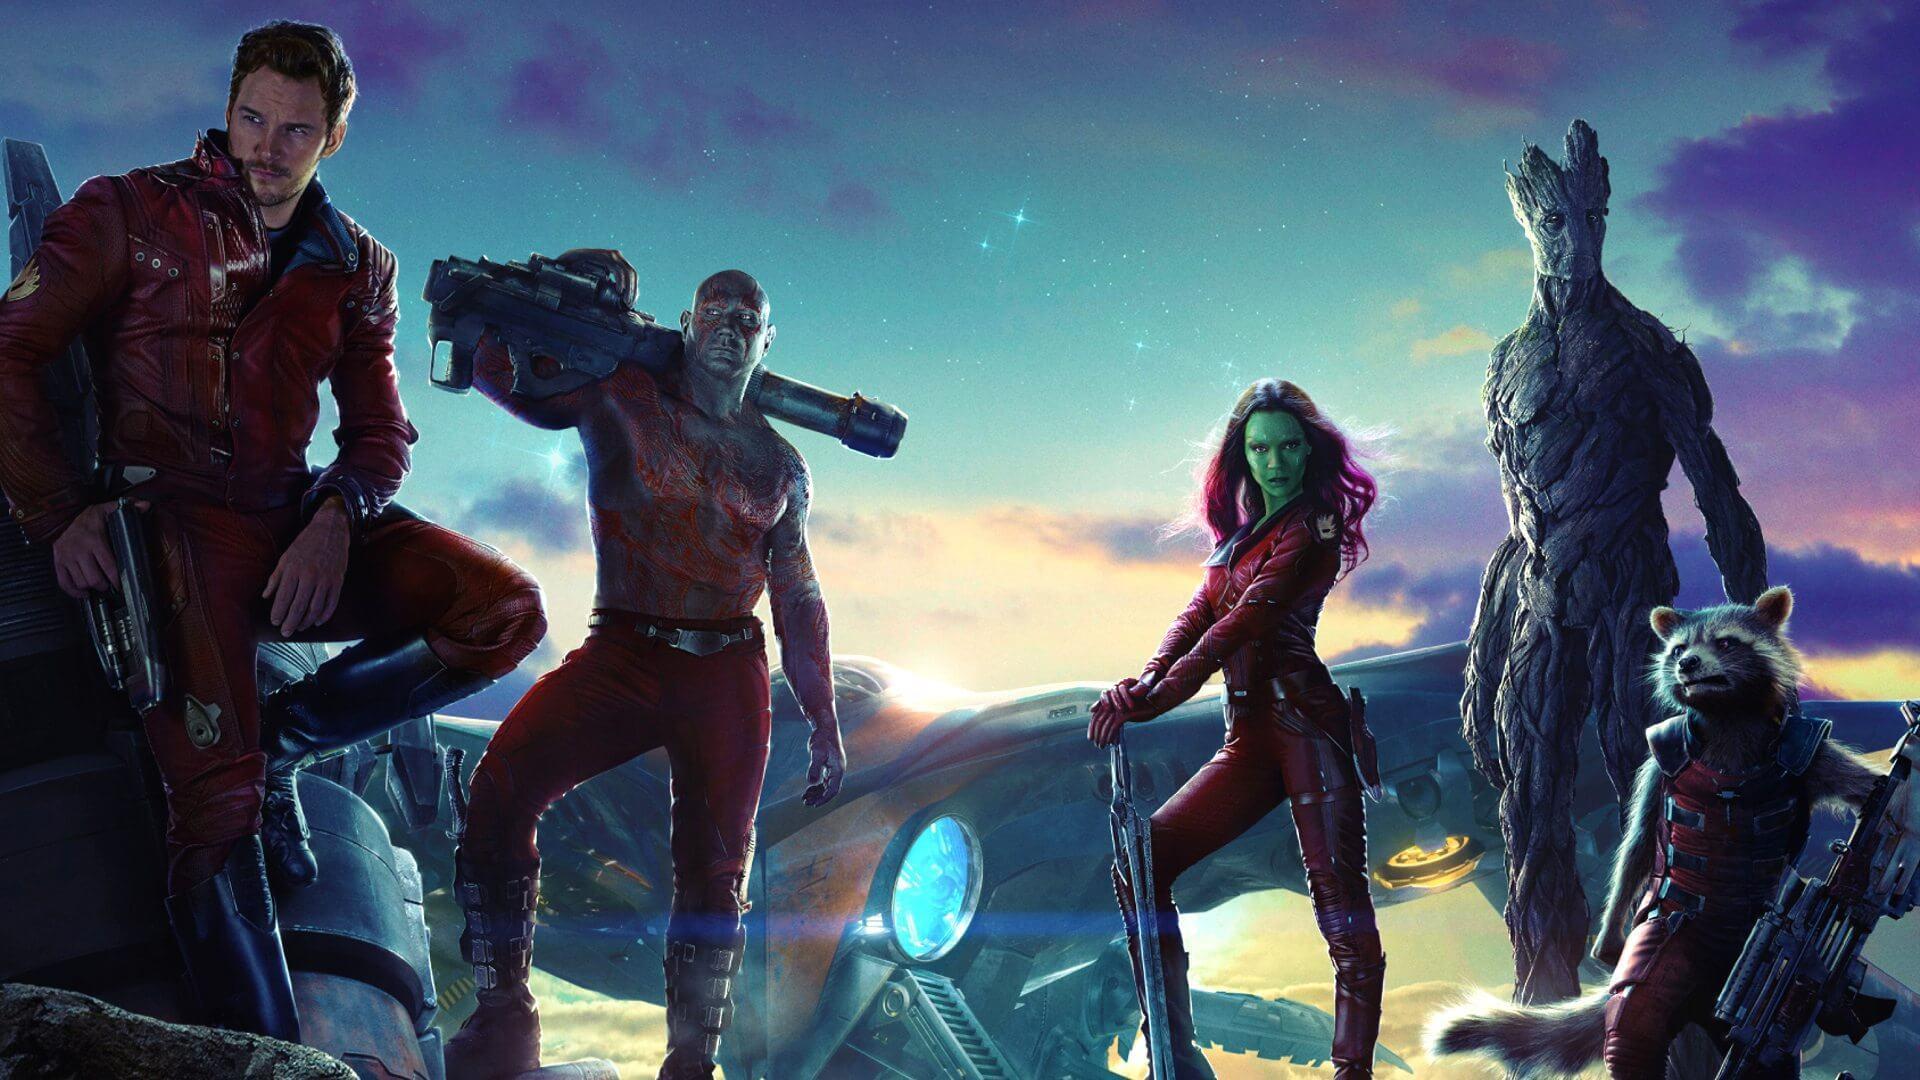 guardioes da galaxia - Guardiões da Galáxia 2 terá um dos personagens mais estranhos da Marvel